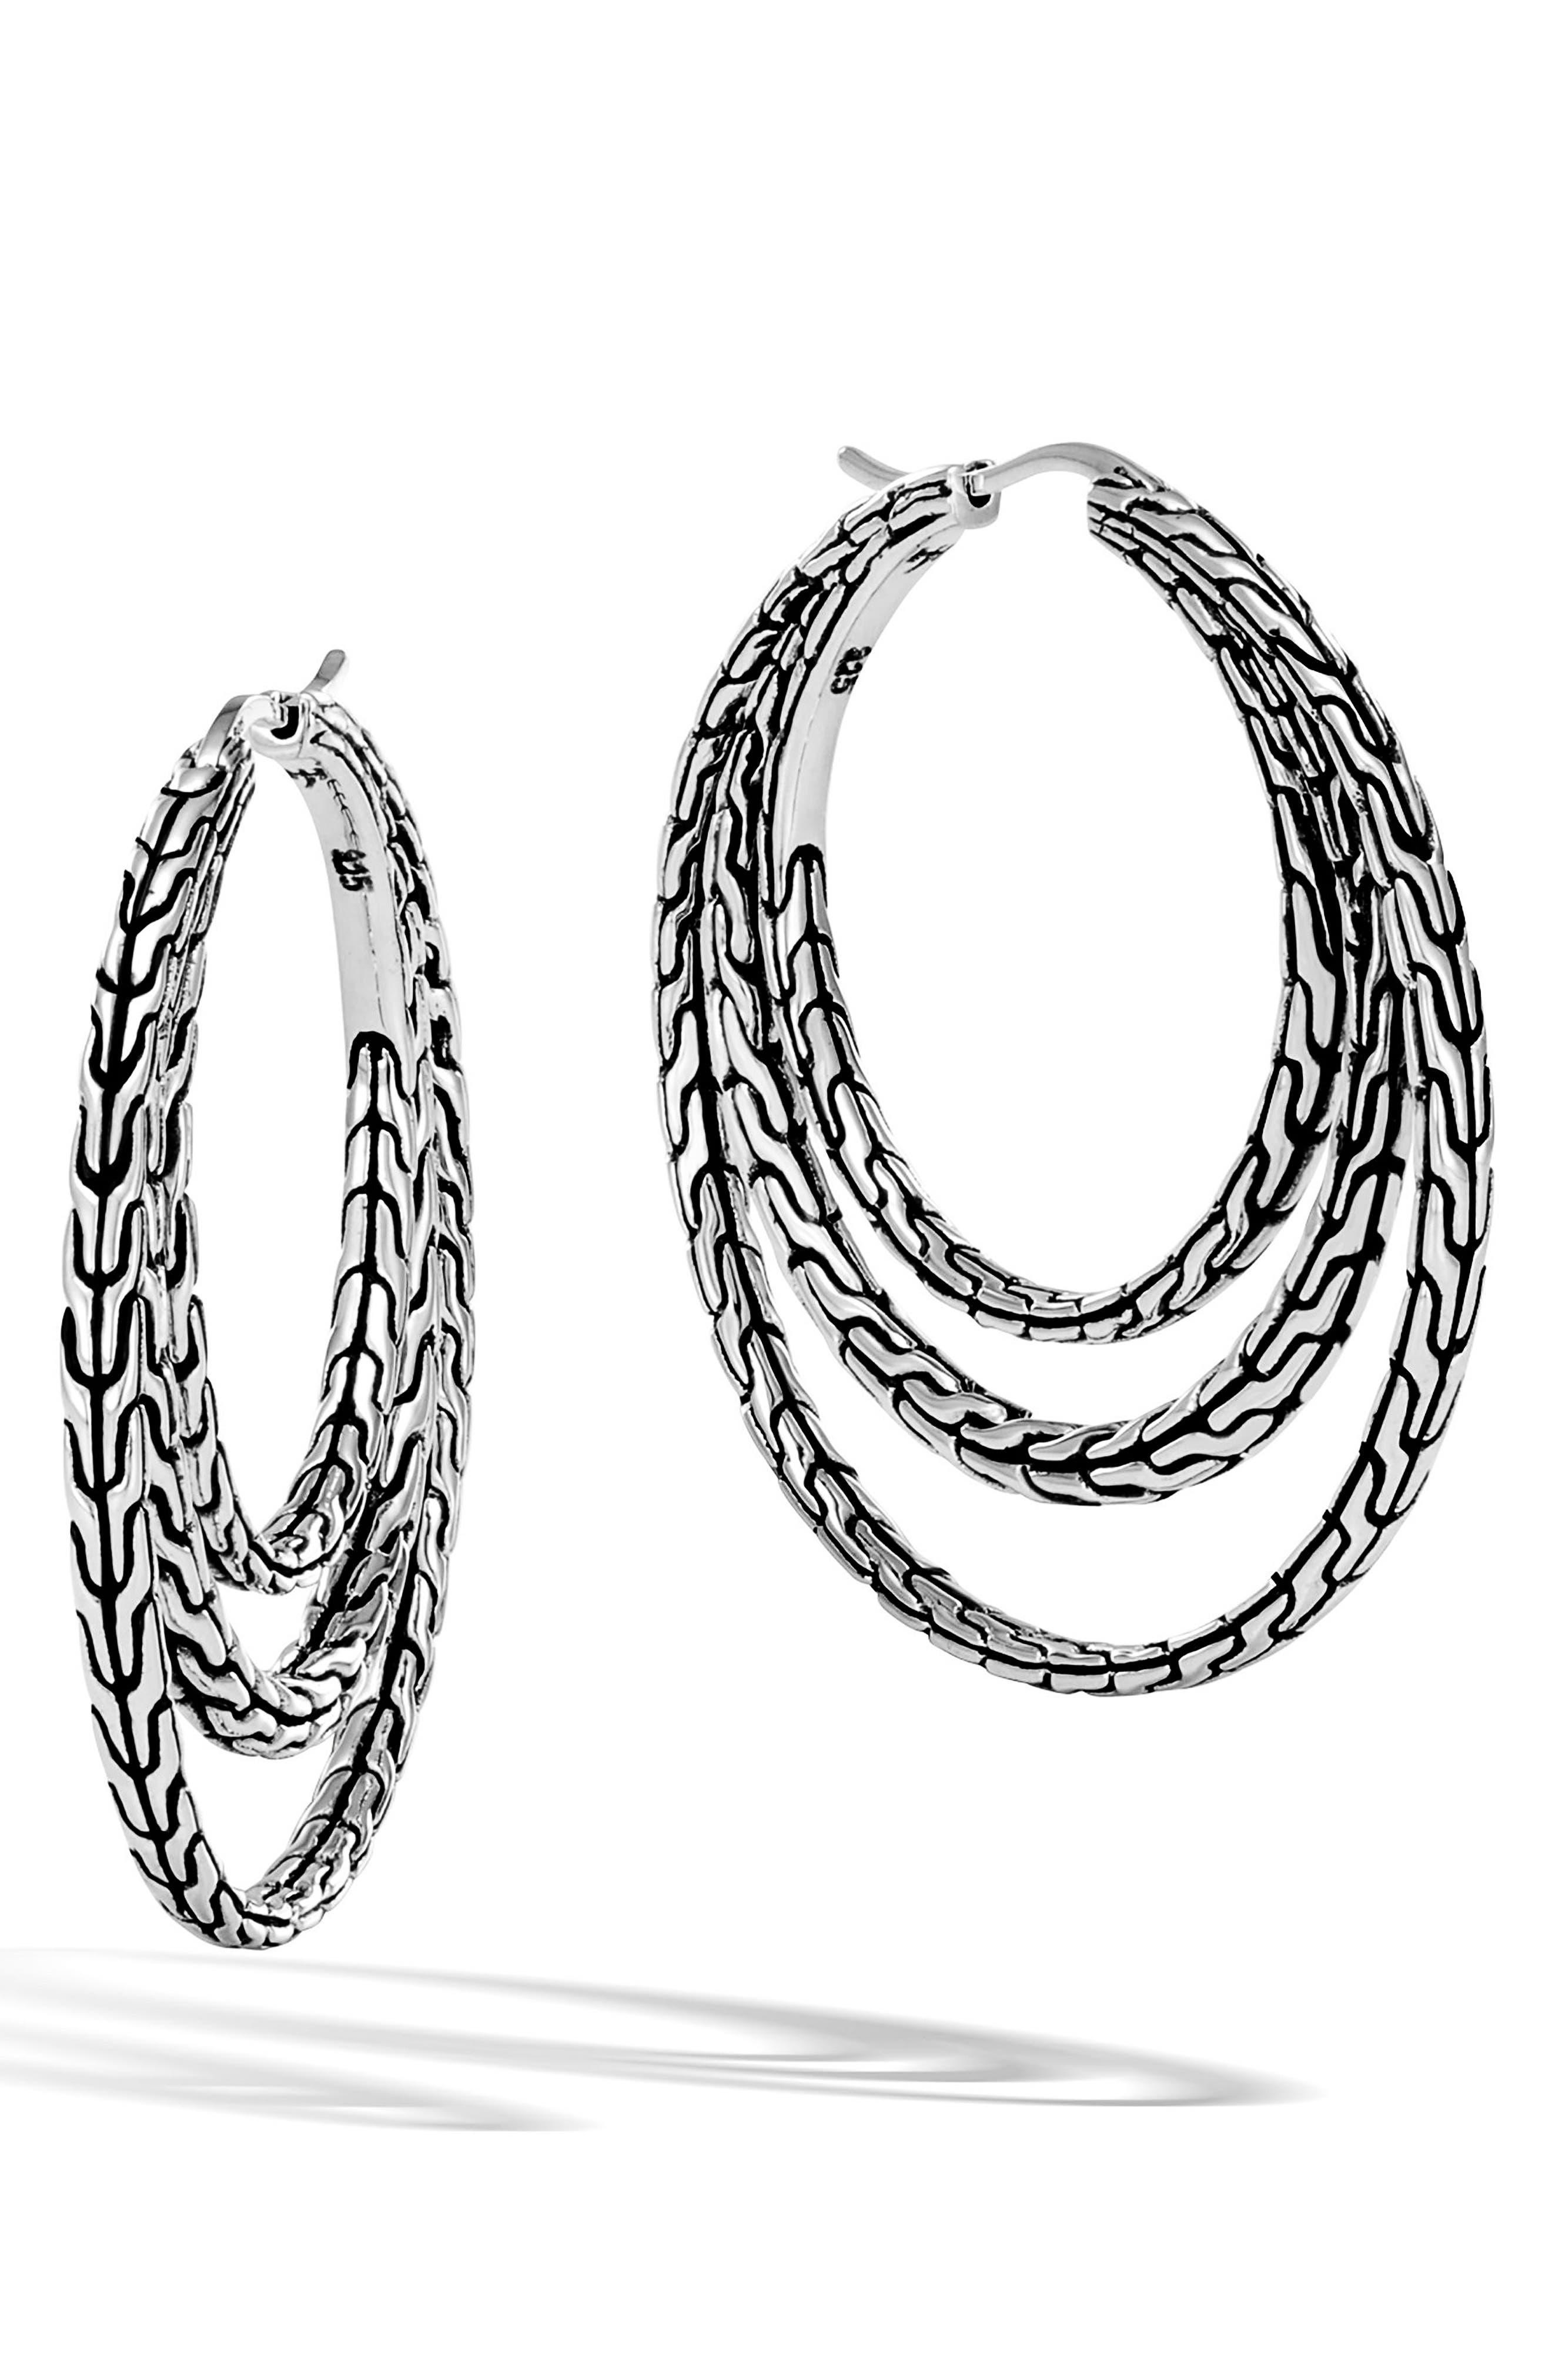 Main Image - John Hardy Classic Chain Medium Hoop Earrings